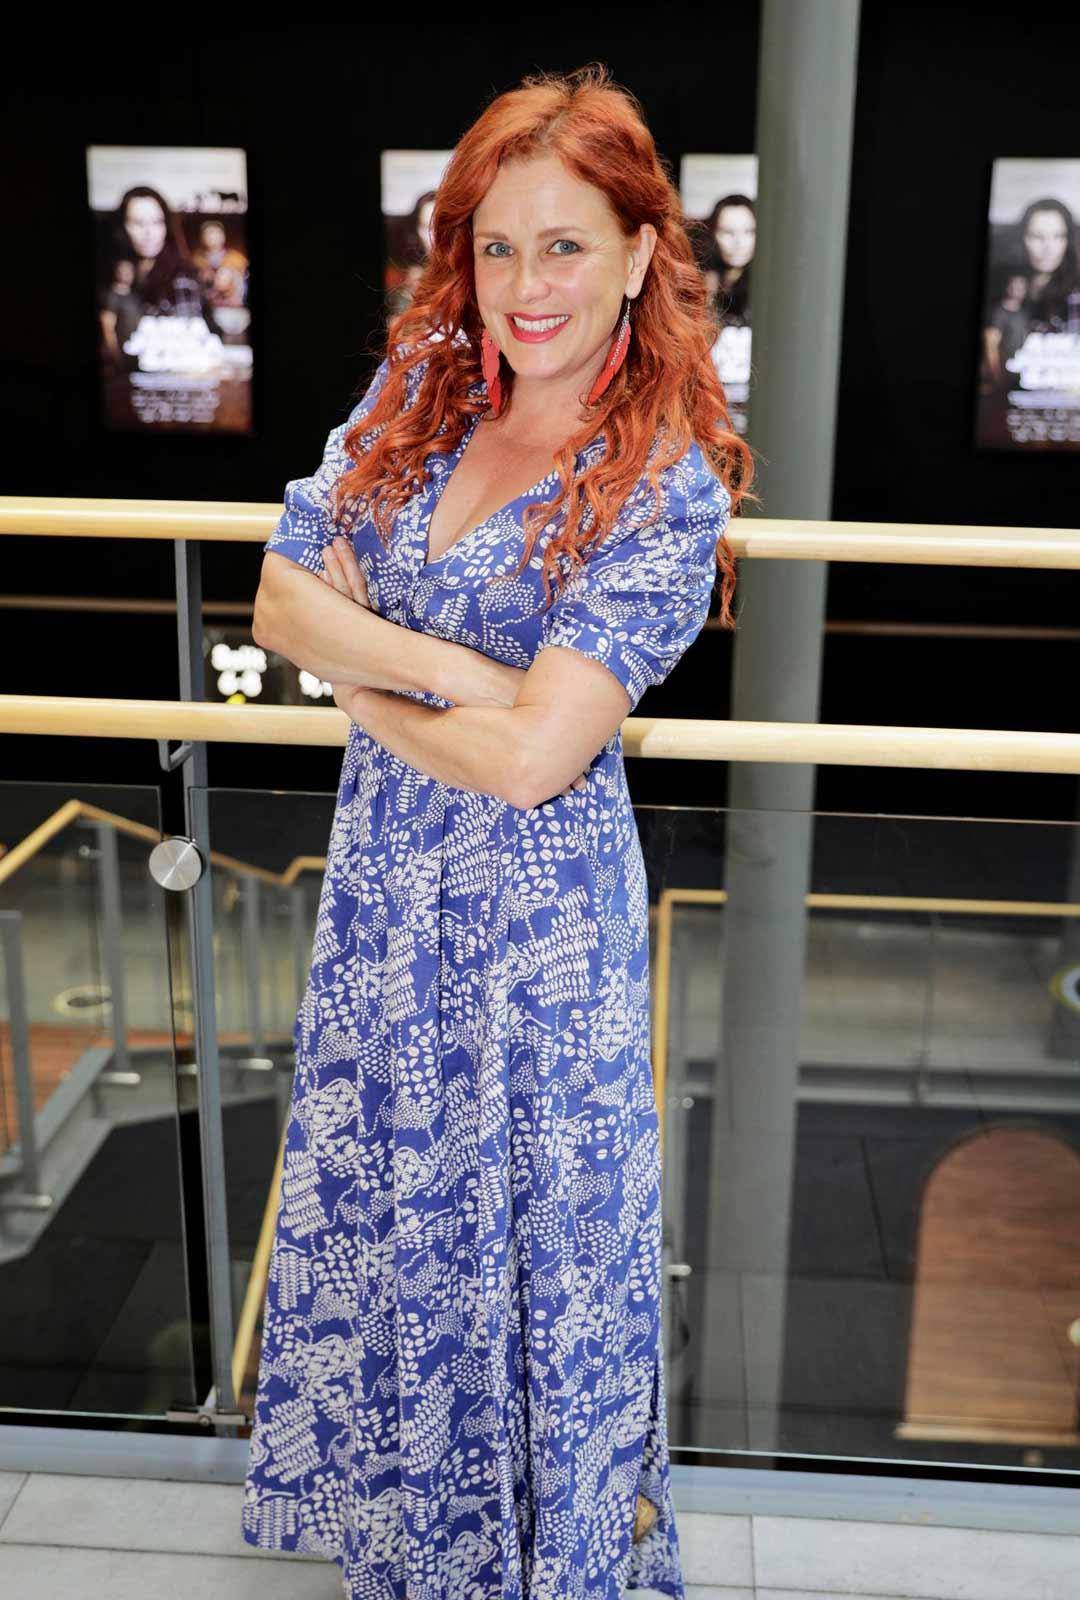 Näyttelijä Kirsi Ylijoki nauttii kesästä koronasta huolimatta.